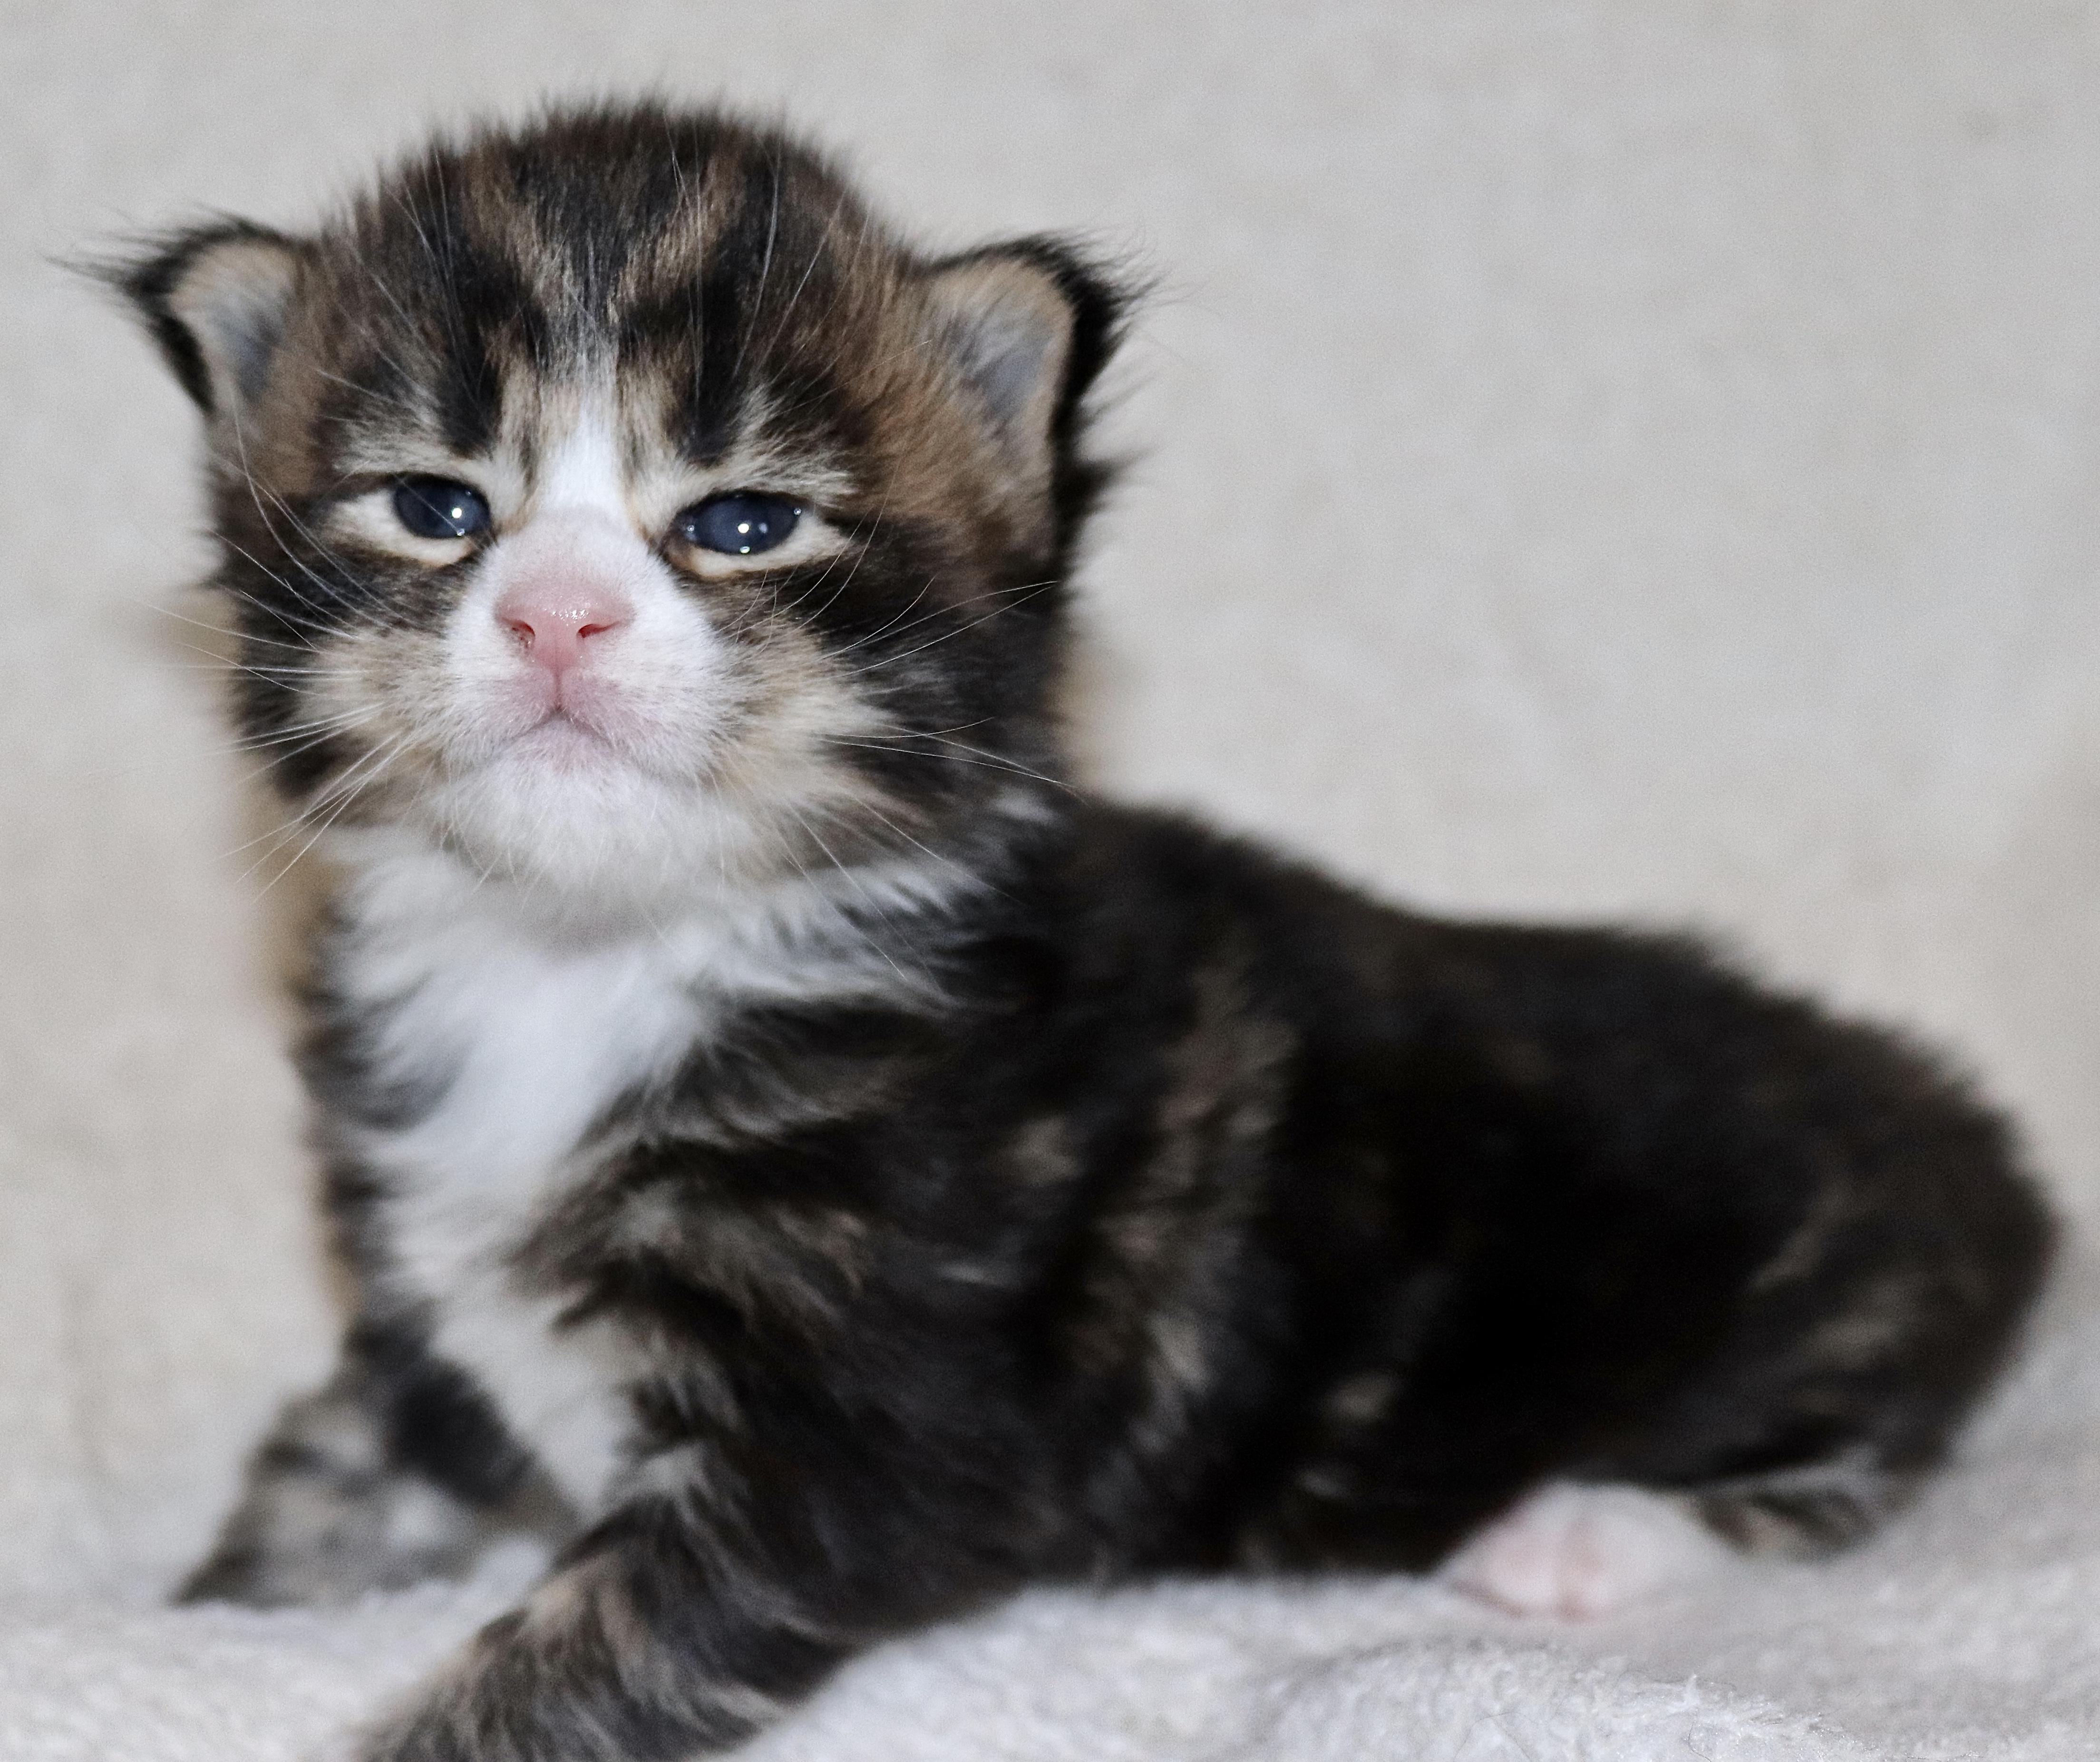 fotka kočky MADDI VON ERILLIAN,CZ